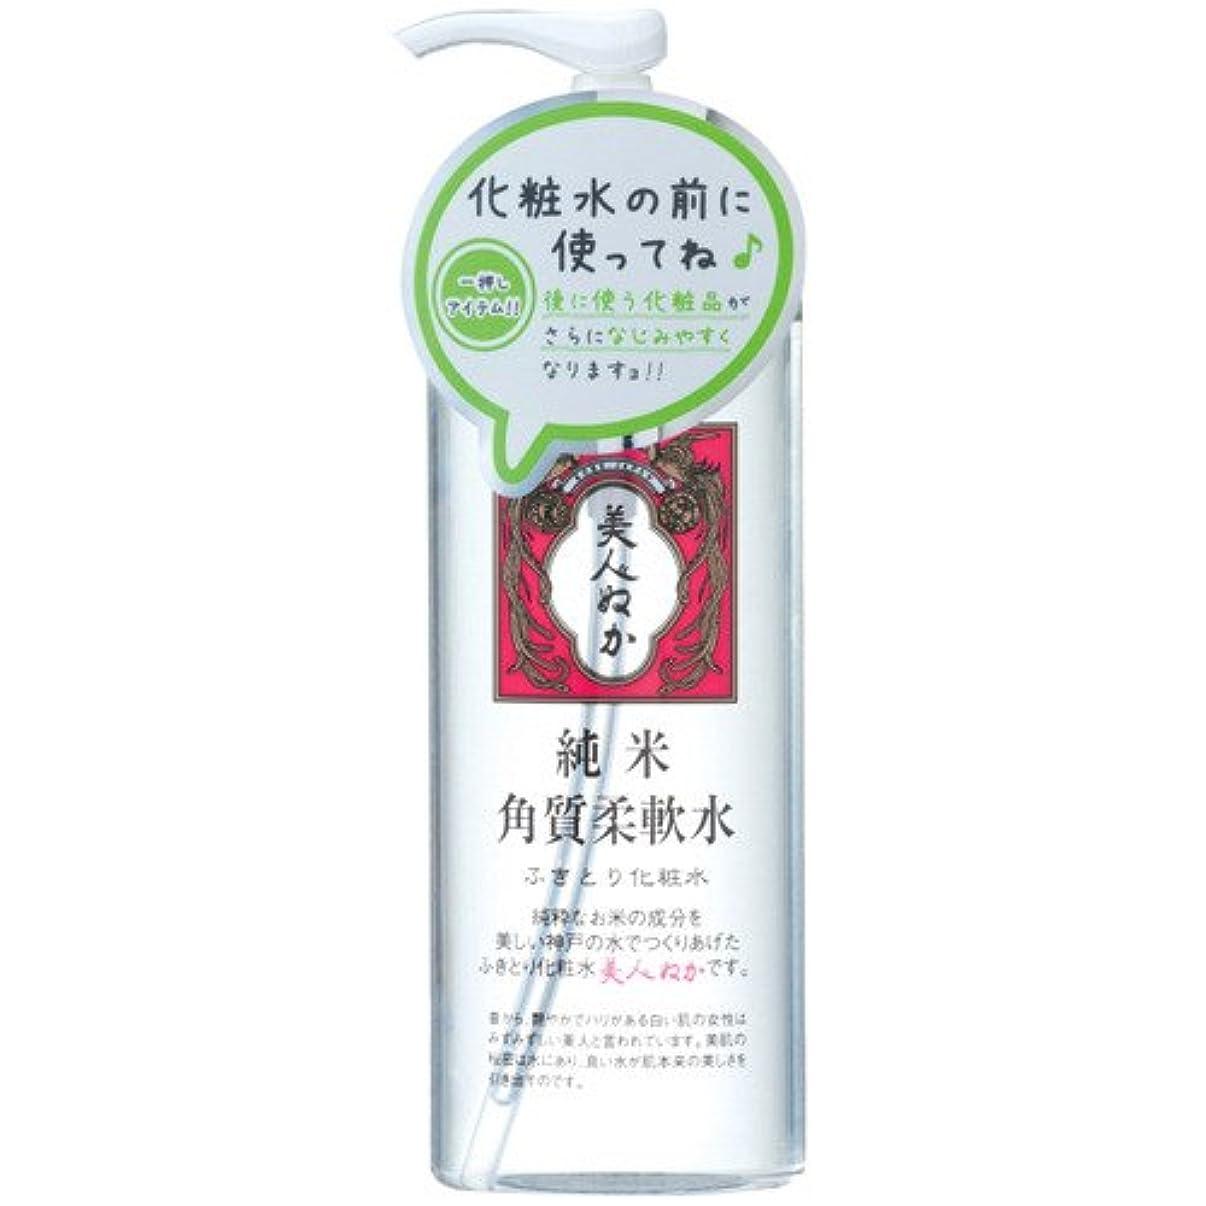 リアル 美人ぬか 純米 角質柔軟水 ふきとり化粧水 198ml 本体 ×5点セット ( 4903432713141 )